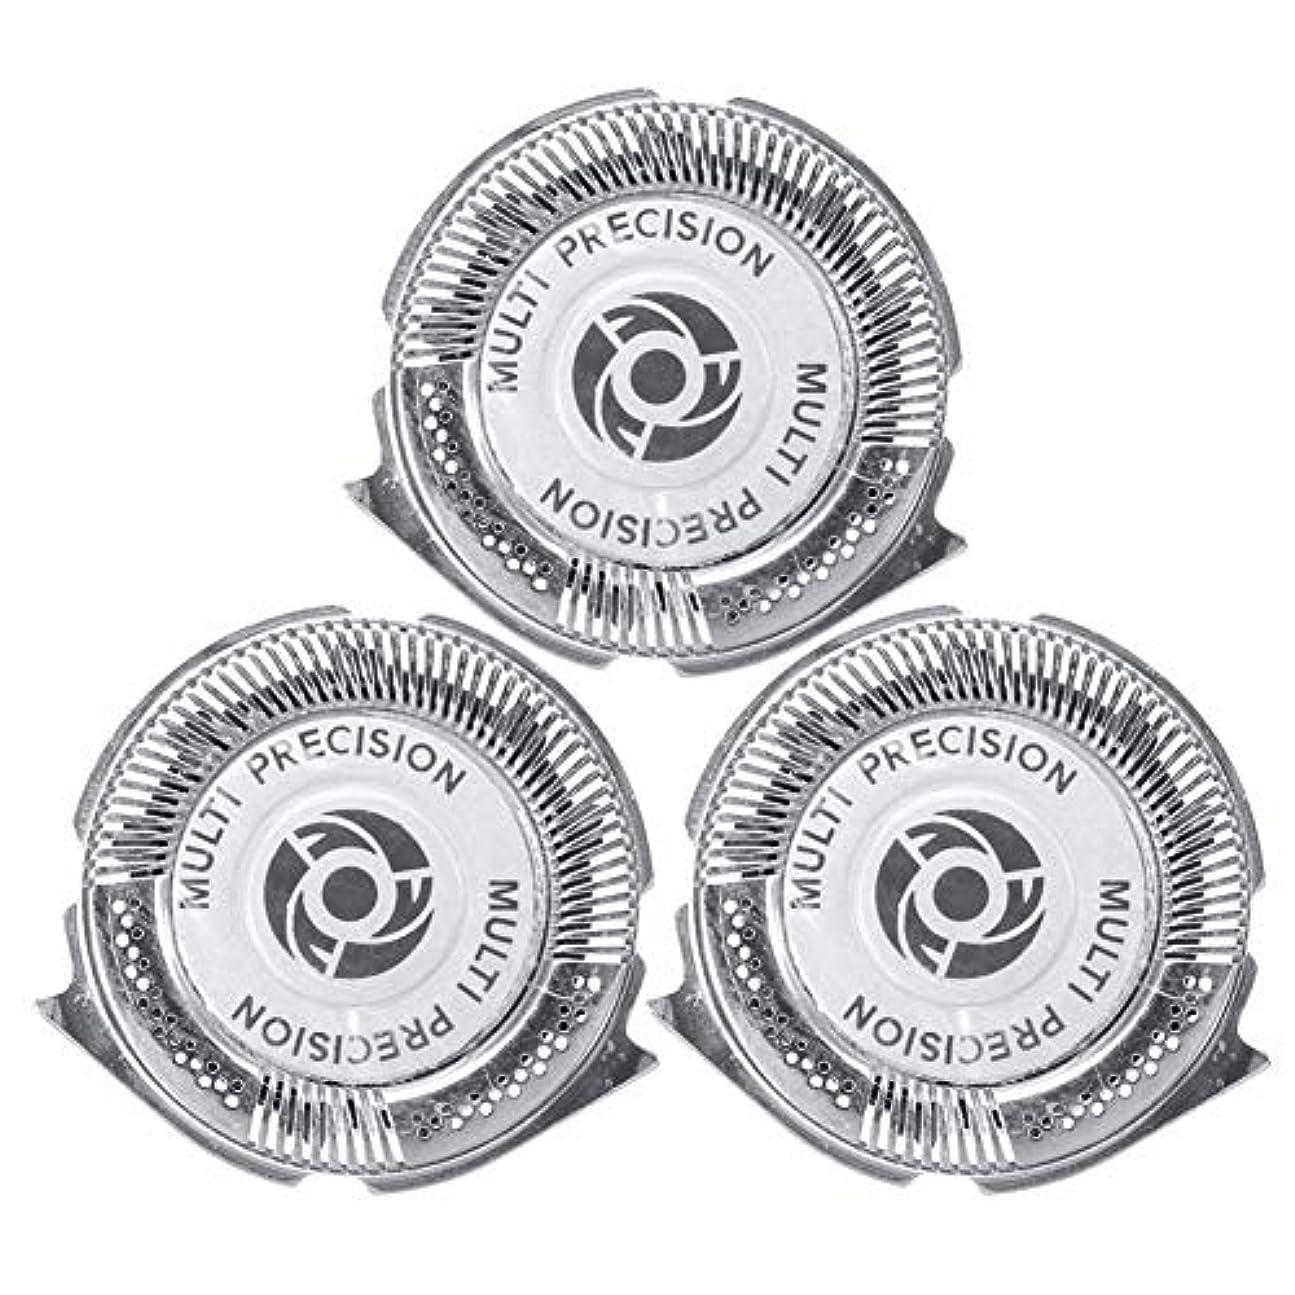 投資する変形ふけるシェーバー 替刃 替え刃 カミソリ ヘッド 3頭のヘッド 交換用替刃 替刃3個入り フィリップス5000シリーズ SH50/51/52 HQ8に適用